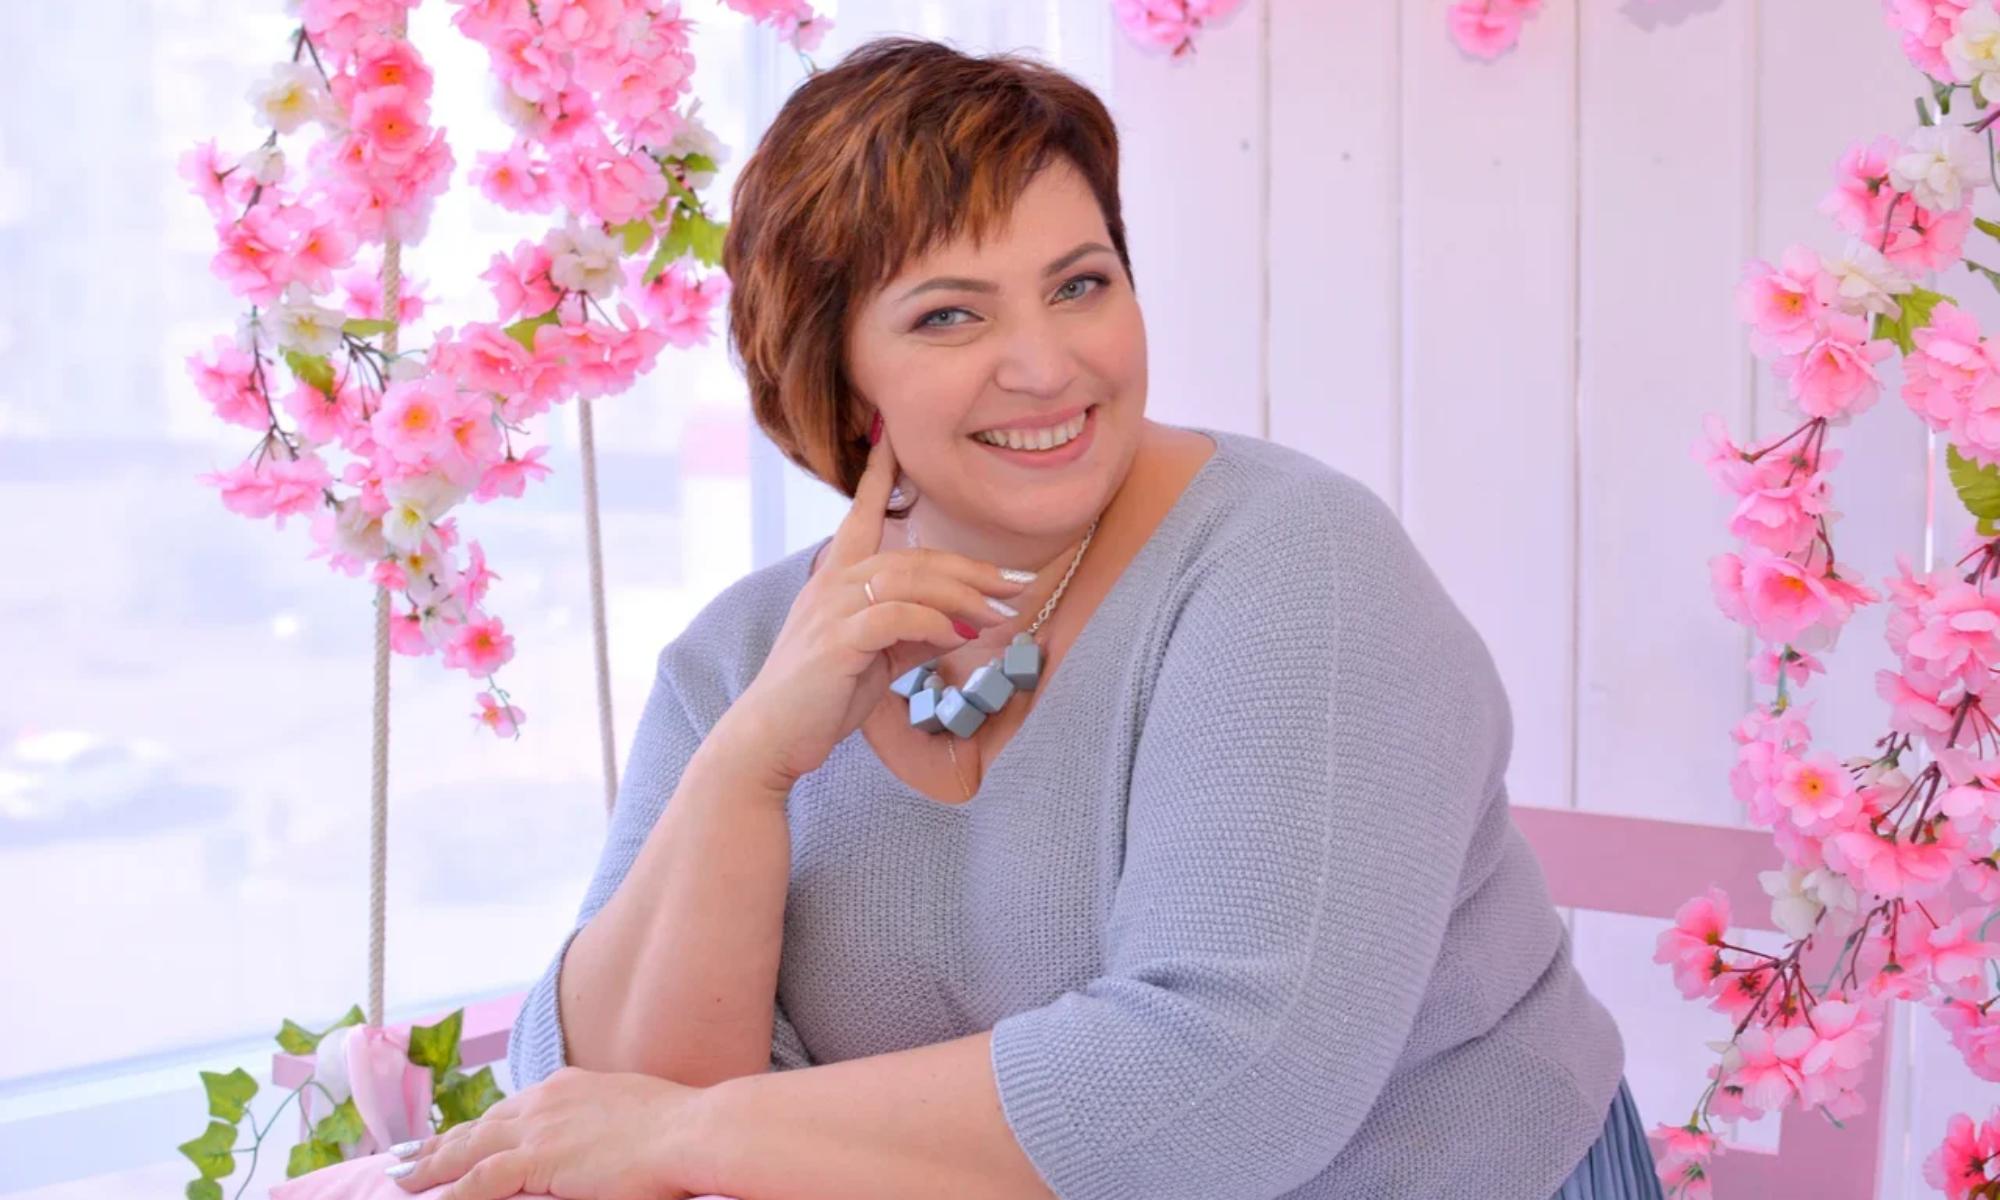 Психолог Наталья Стукова | Официальный сайт